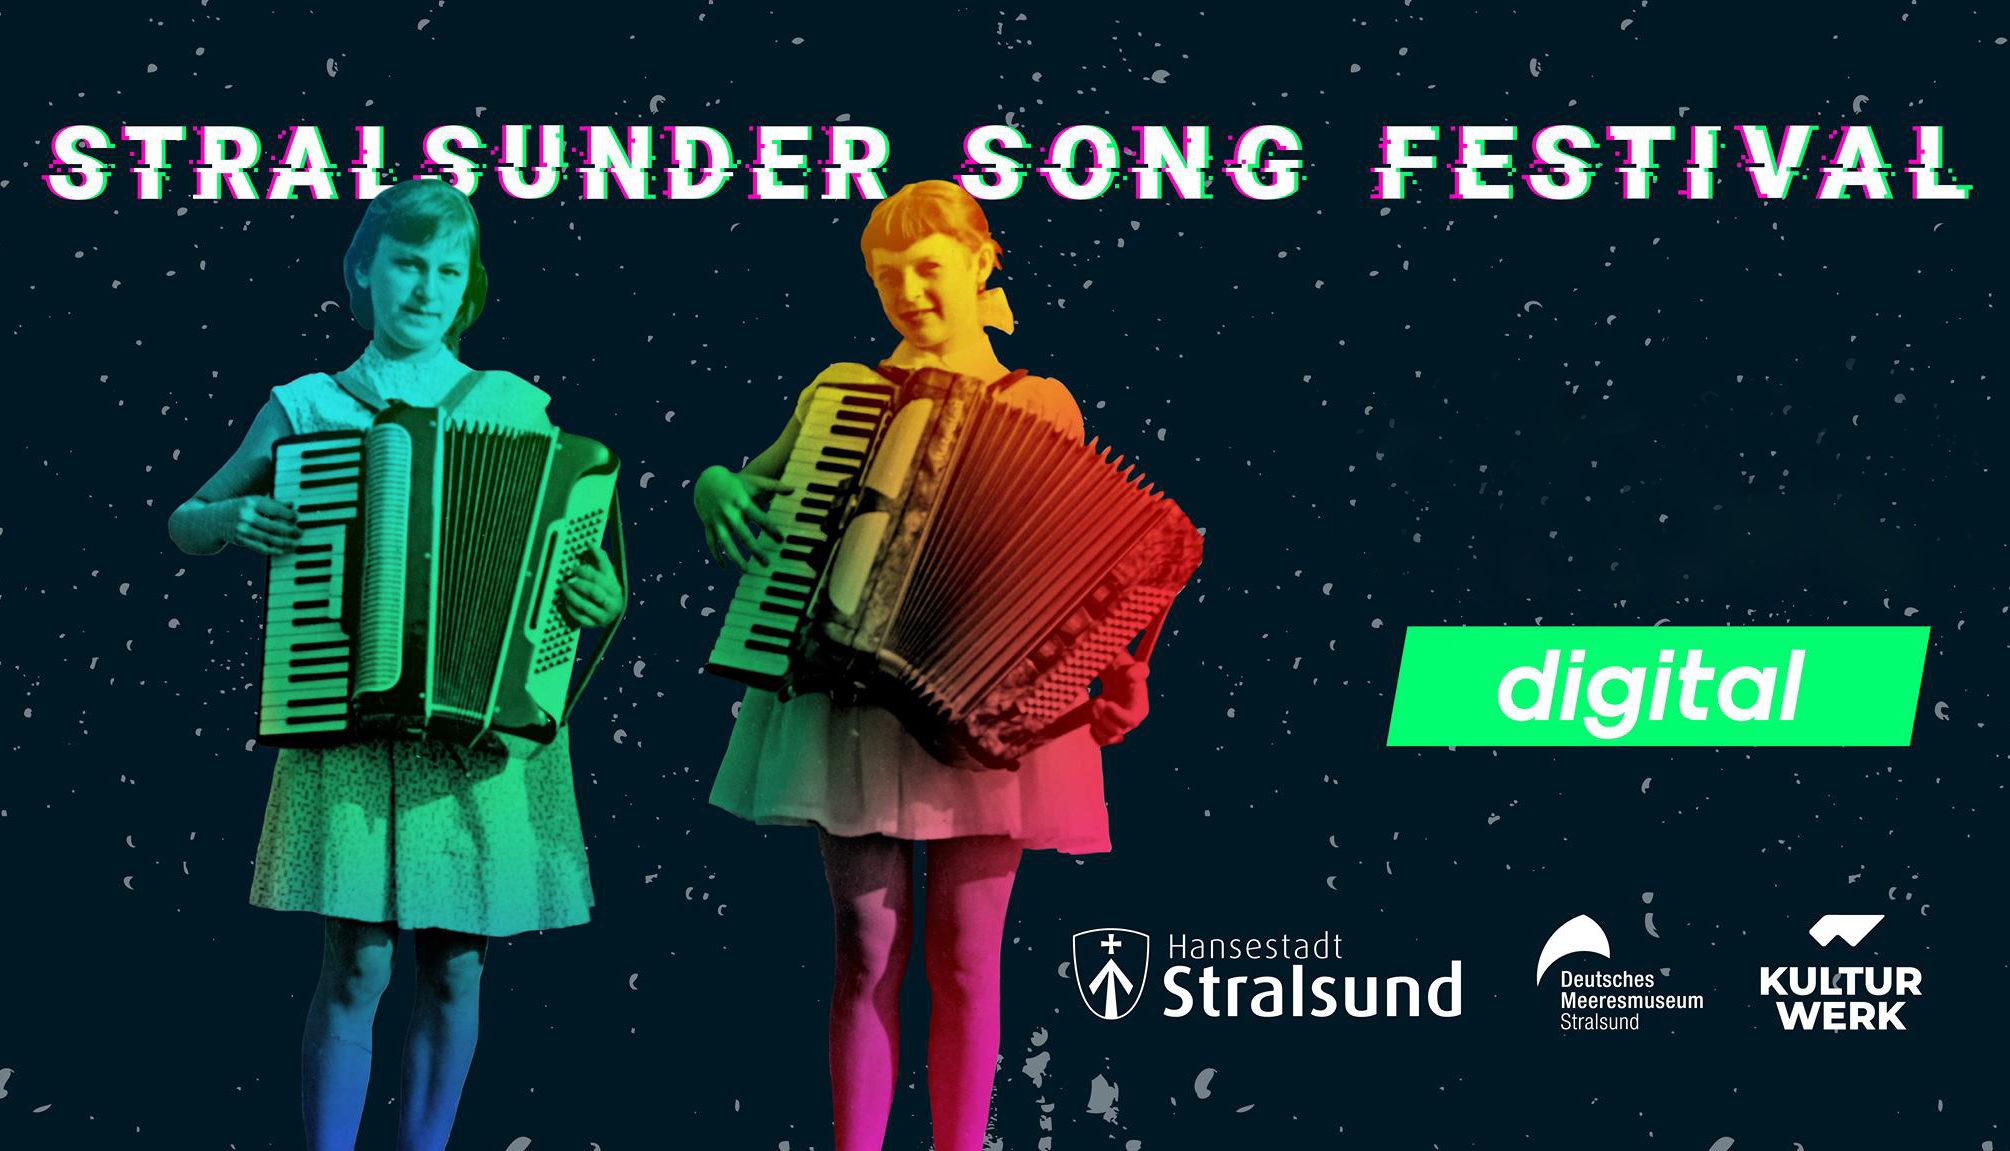 Stralsunder Song Festival